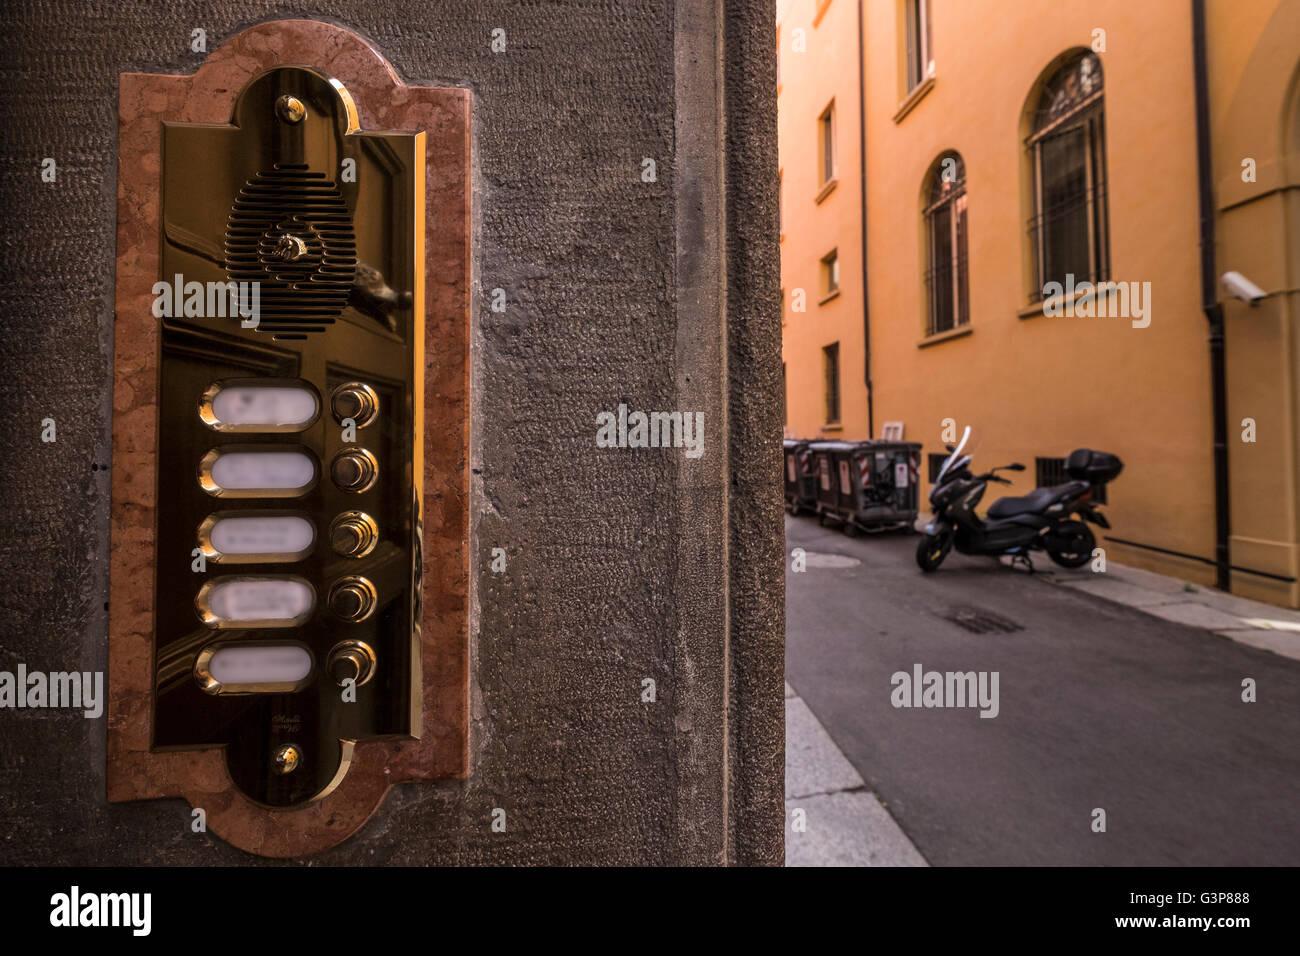 Apartment Building Front Door highly polished shiny brass doorbell intercom at front door of